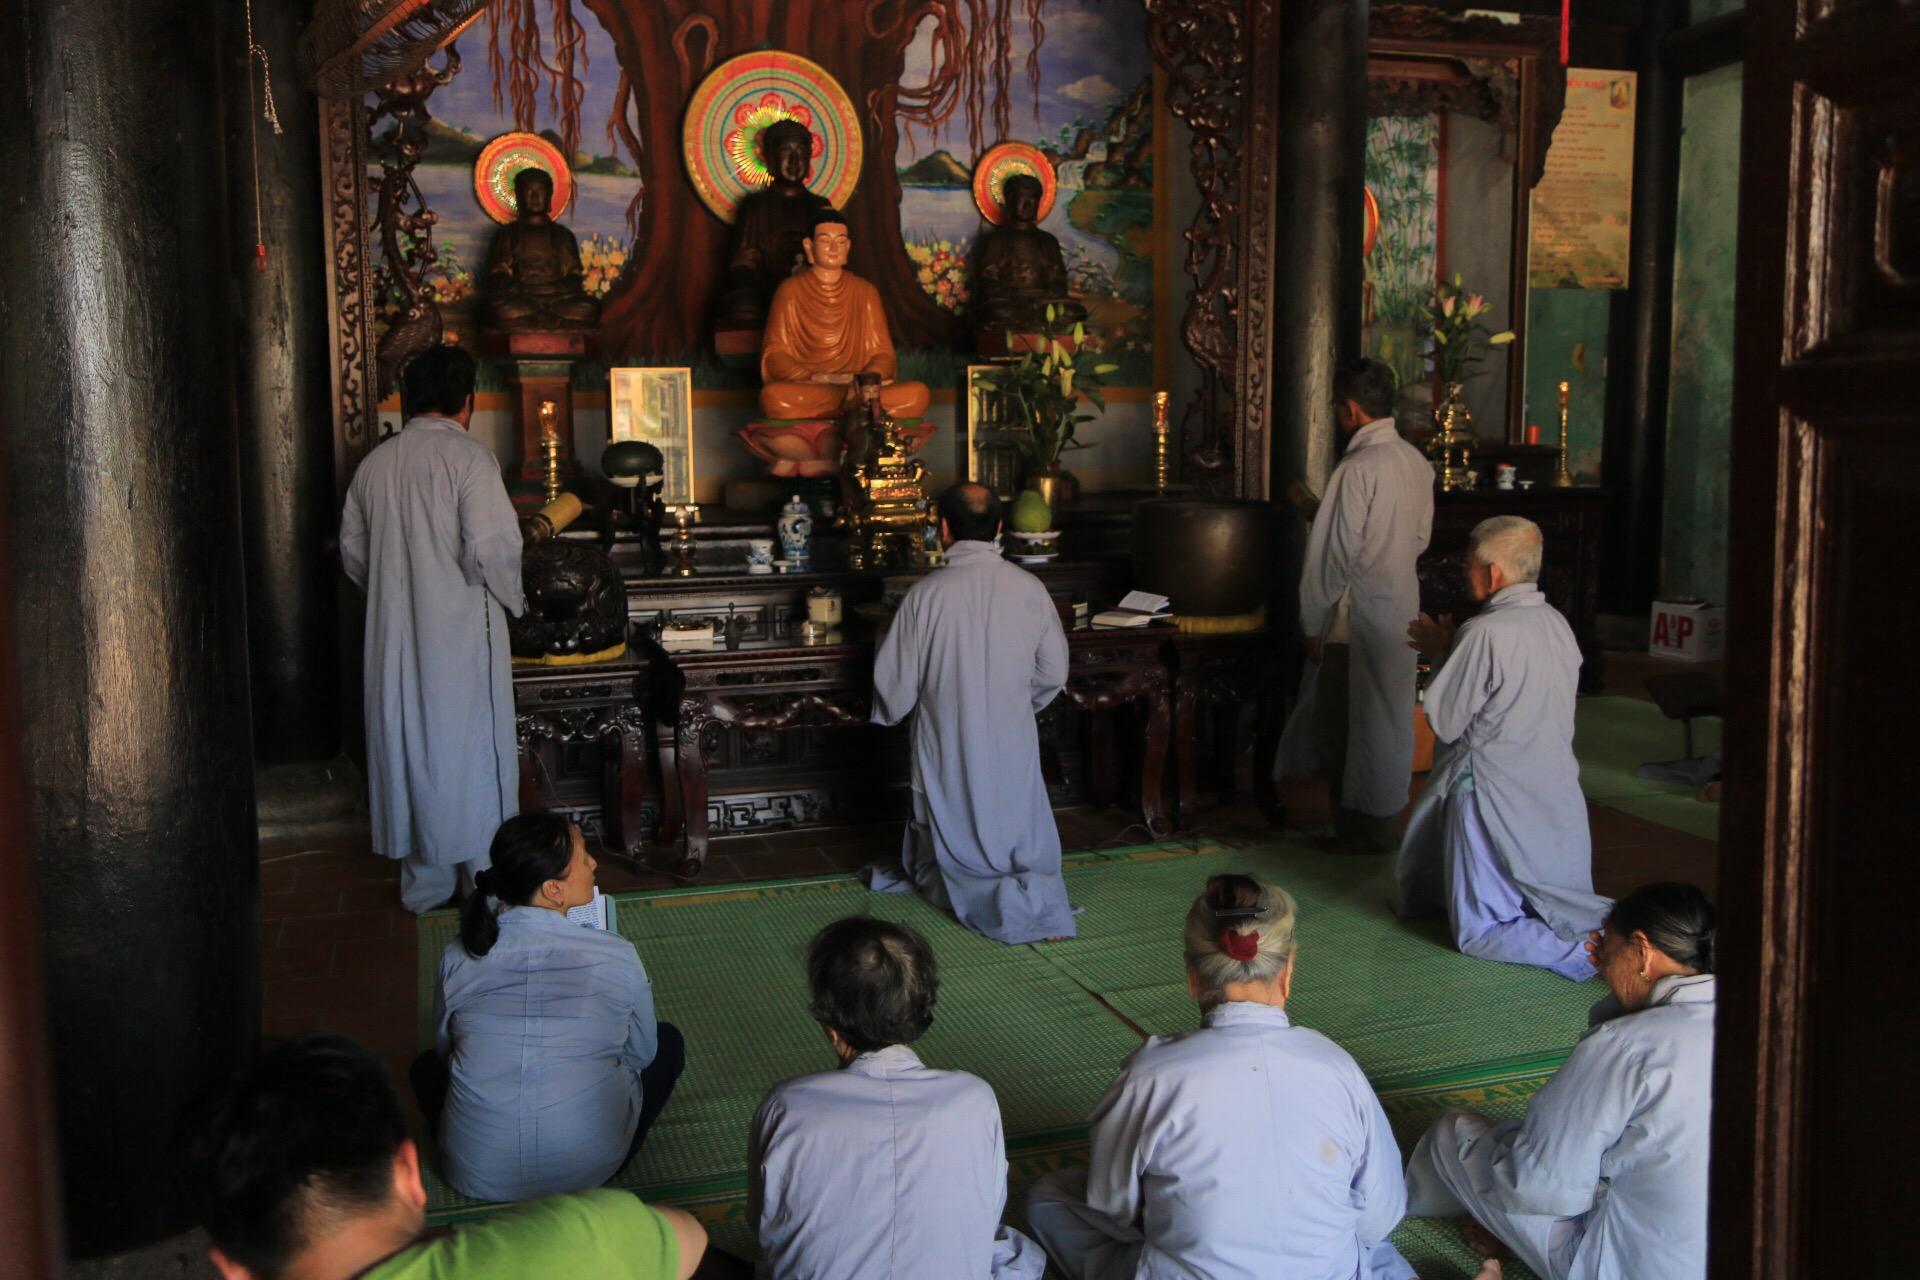 Im Tempel fand gerade eine Art Gottesdienst statt, Gesänge dazu könnt ihr im Video hören.